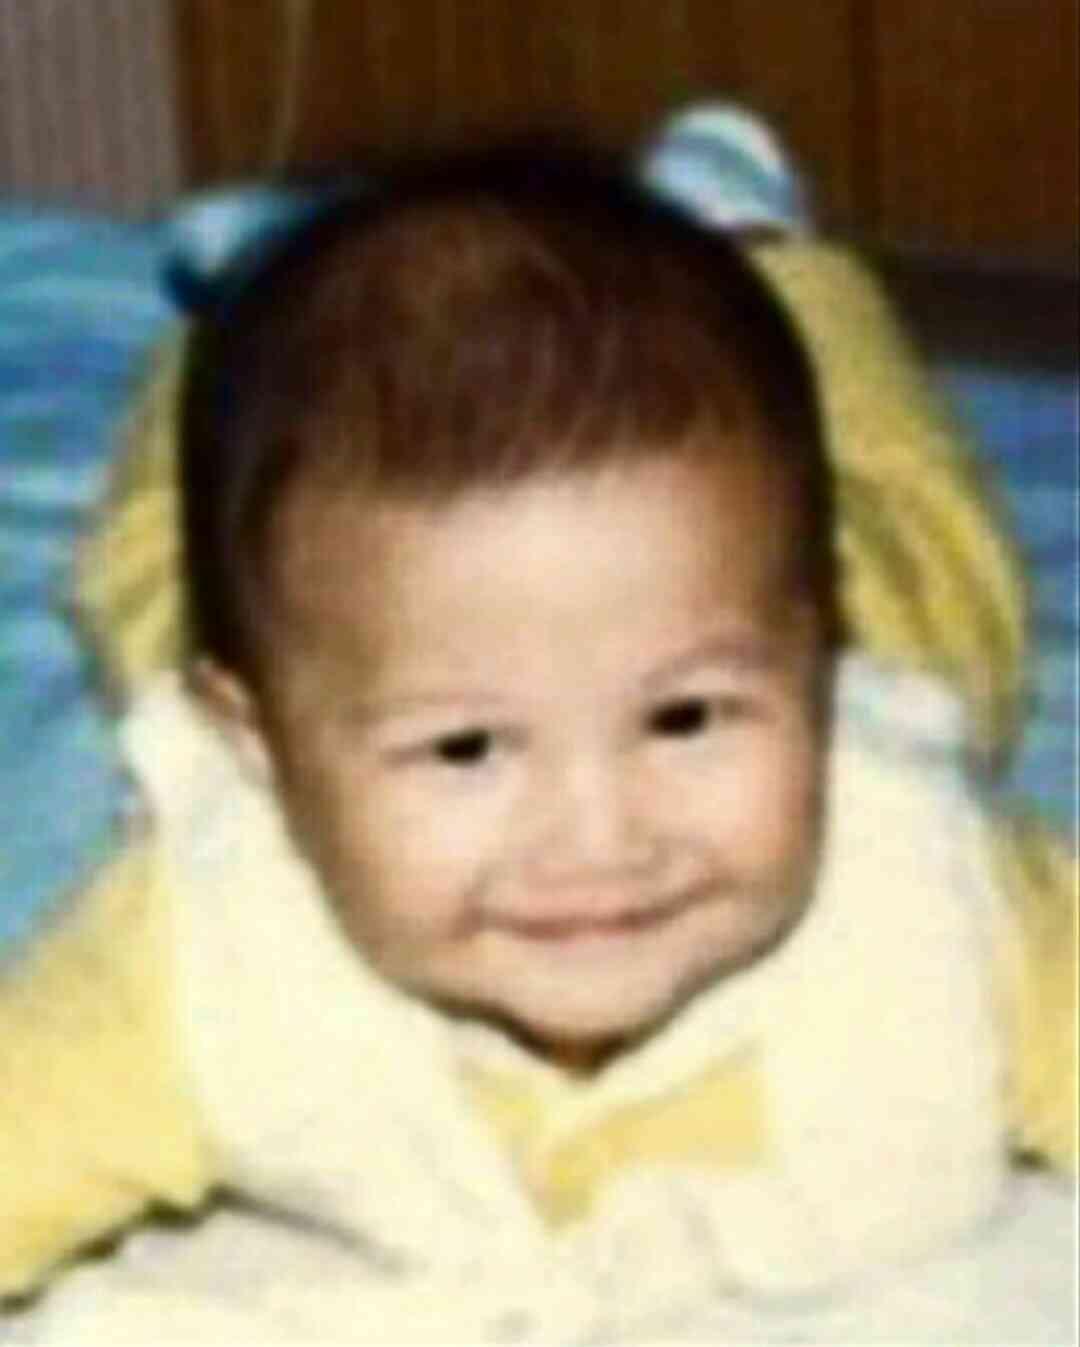 優しい瞳がそのまんま!EXILE・ATSUSHI、面影たっぷりな赤ちゃん写真を公開「変わってない!」「天使の笑顔」